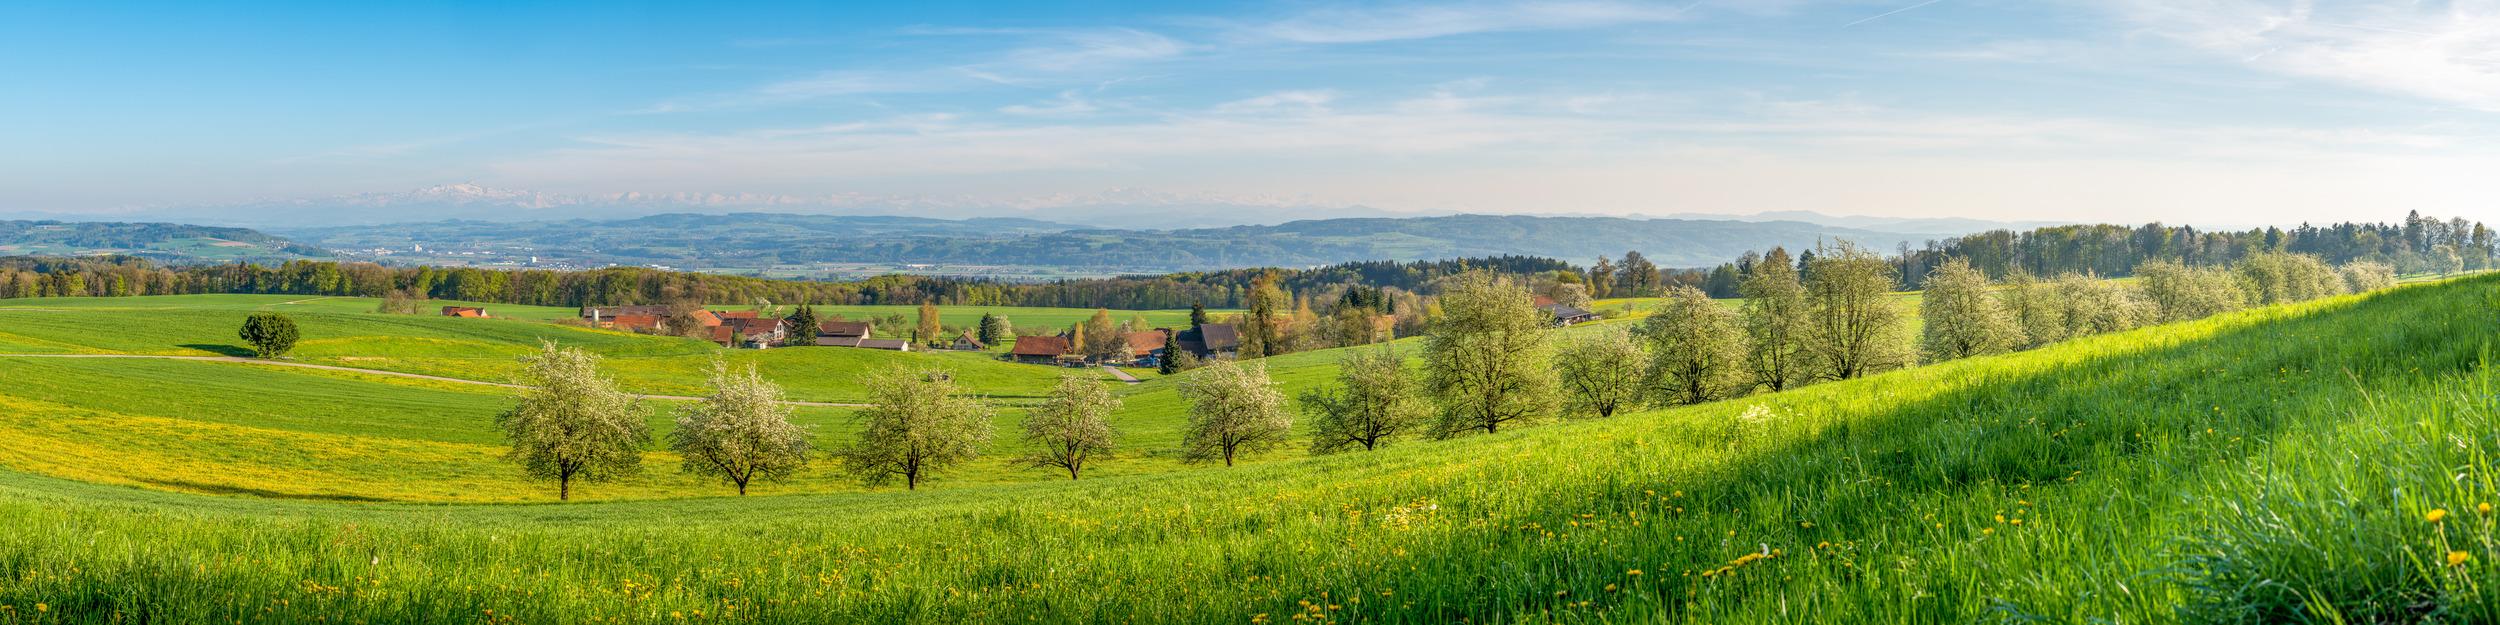 THURTAL & ALPSTEIN - Schöne Landschaft Bilder kaufen | Stimmungs Foto als Fineart by Stefan Somogyi Fotografie